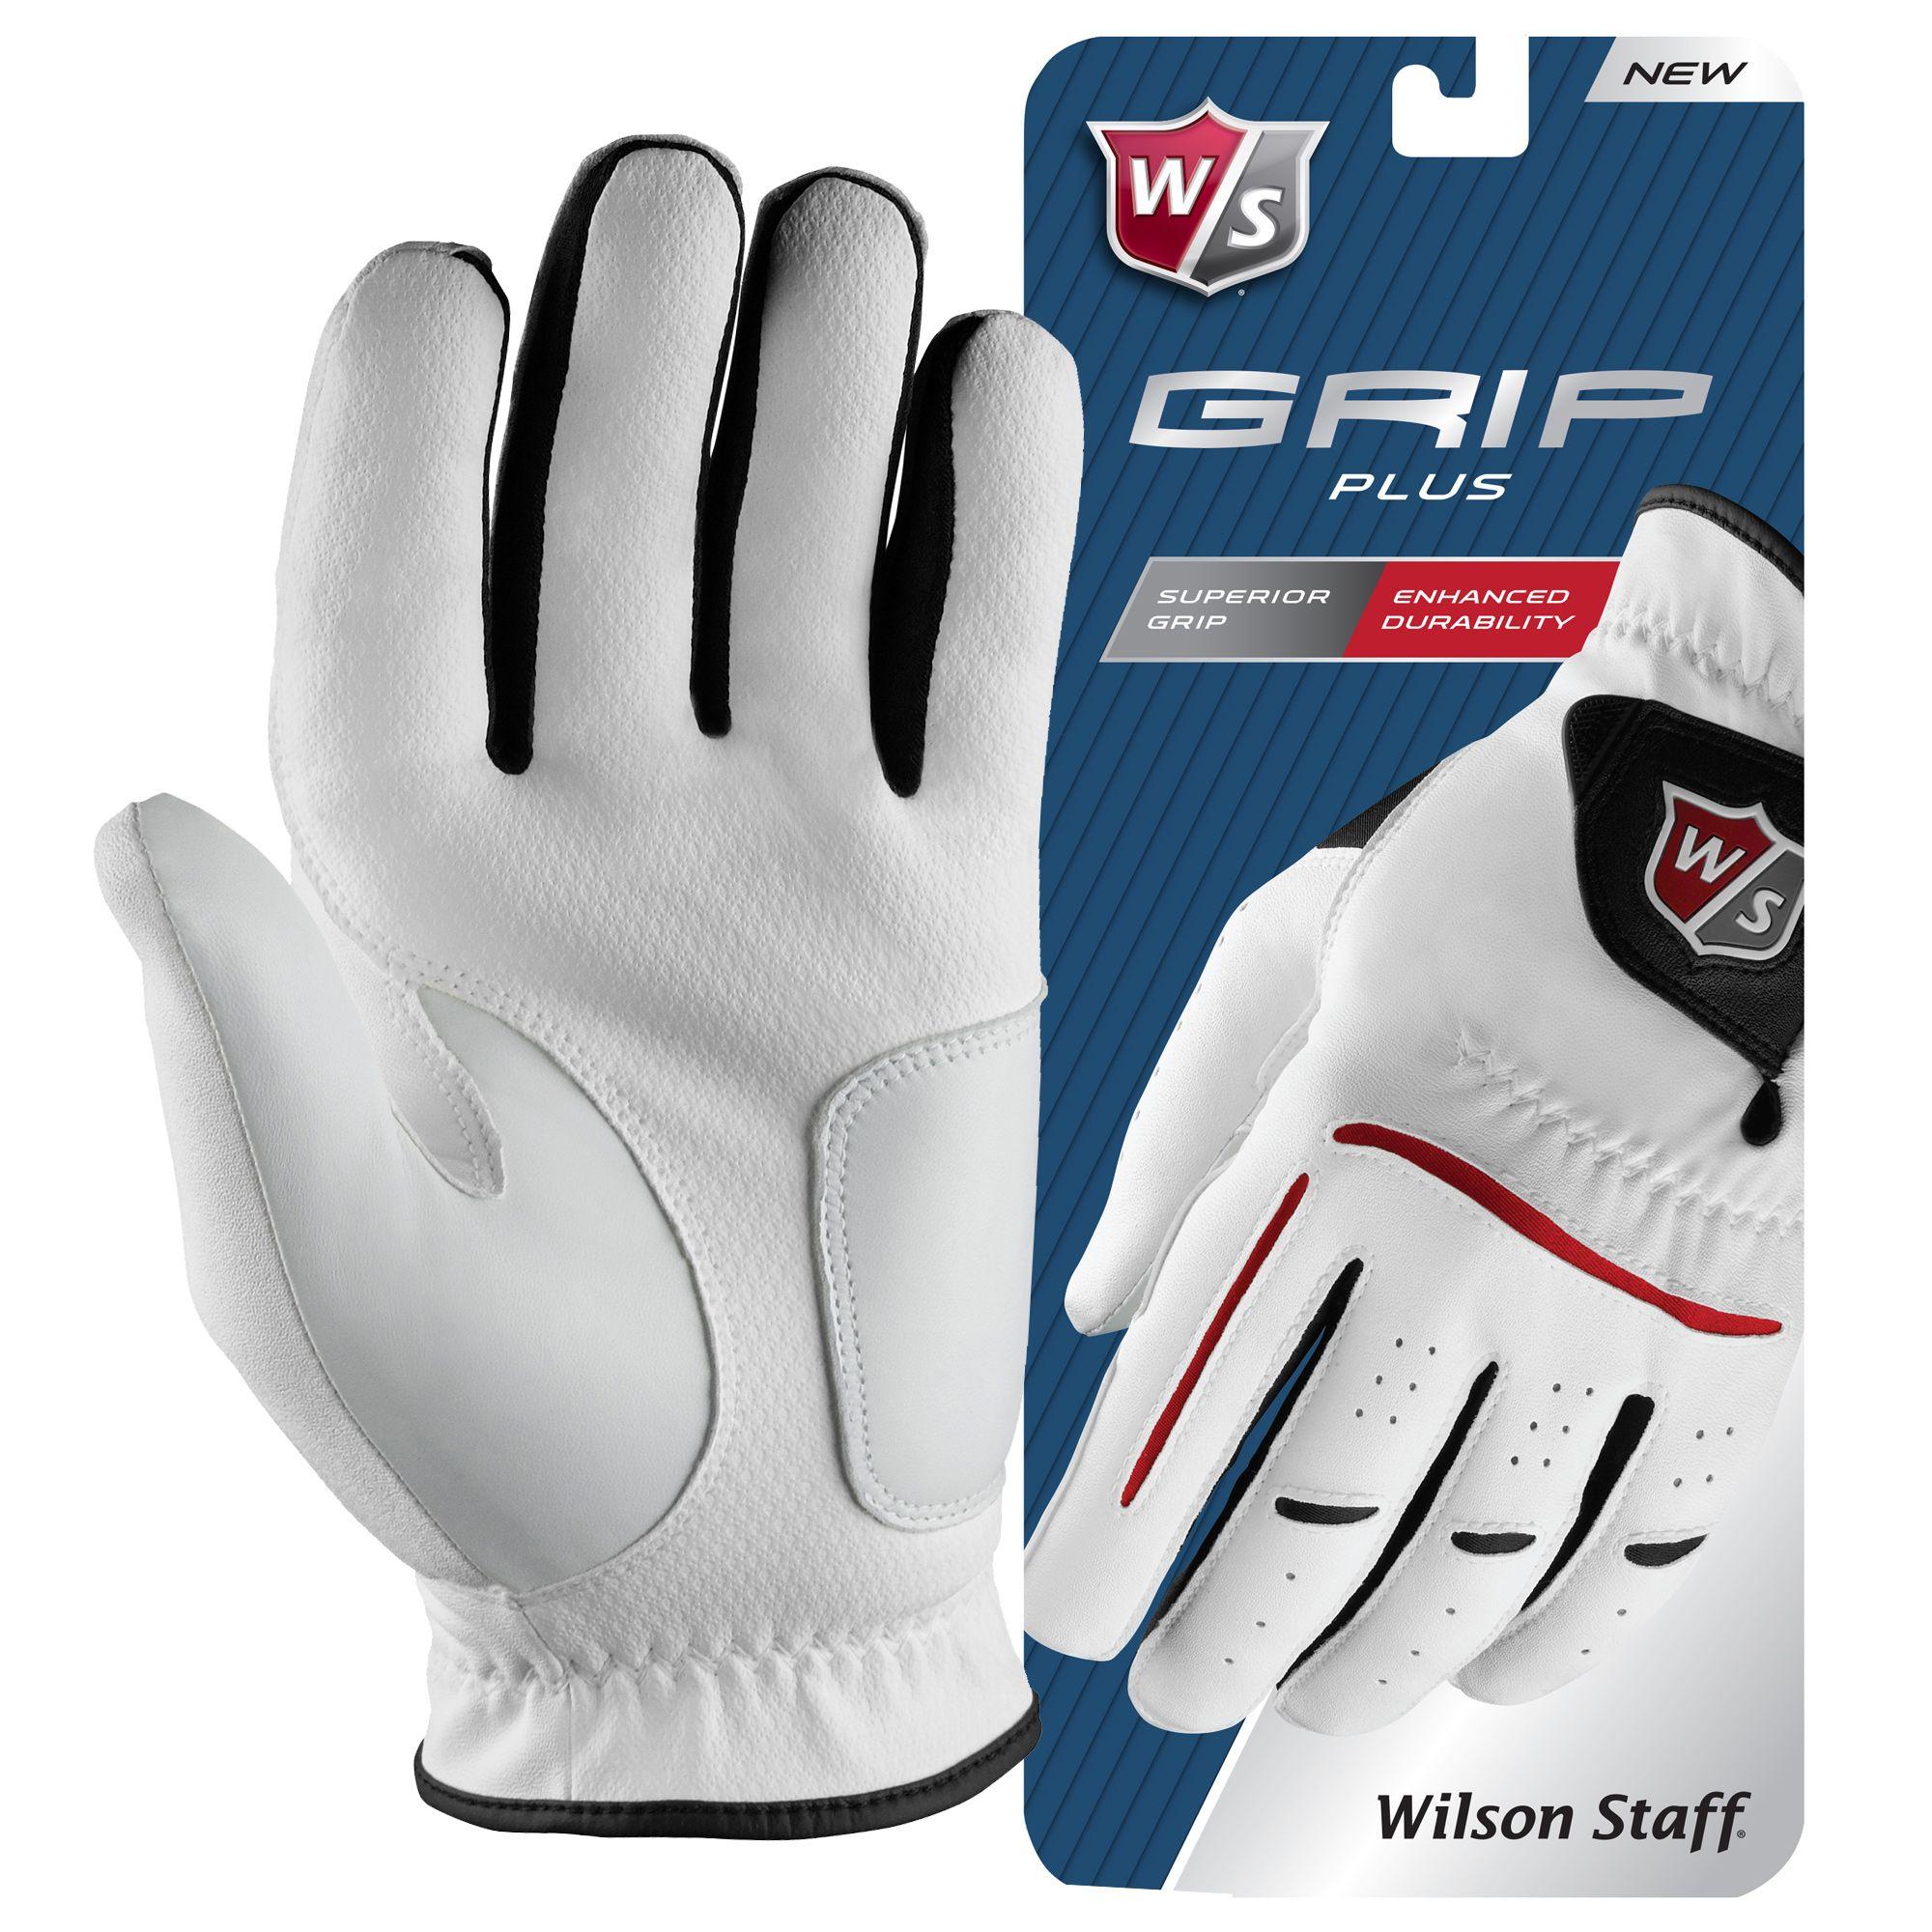 Wilson Staff Grip Plus Mens Golf Glove